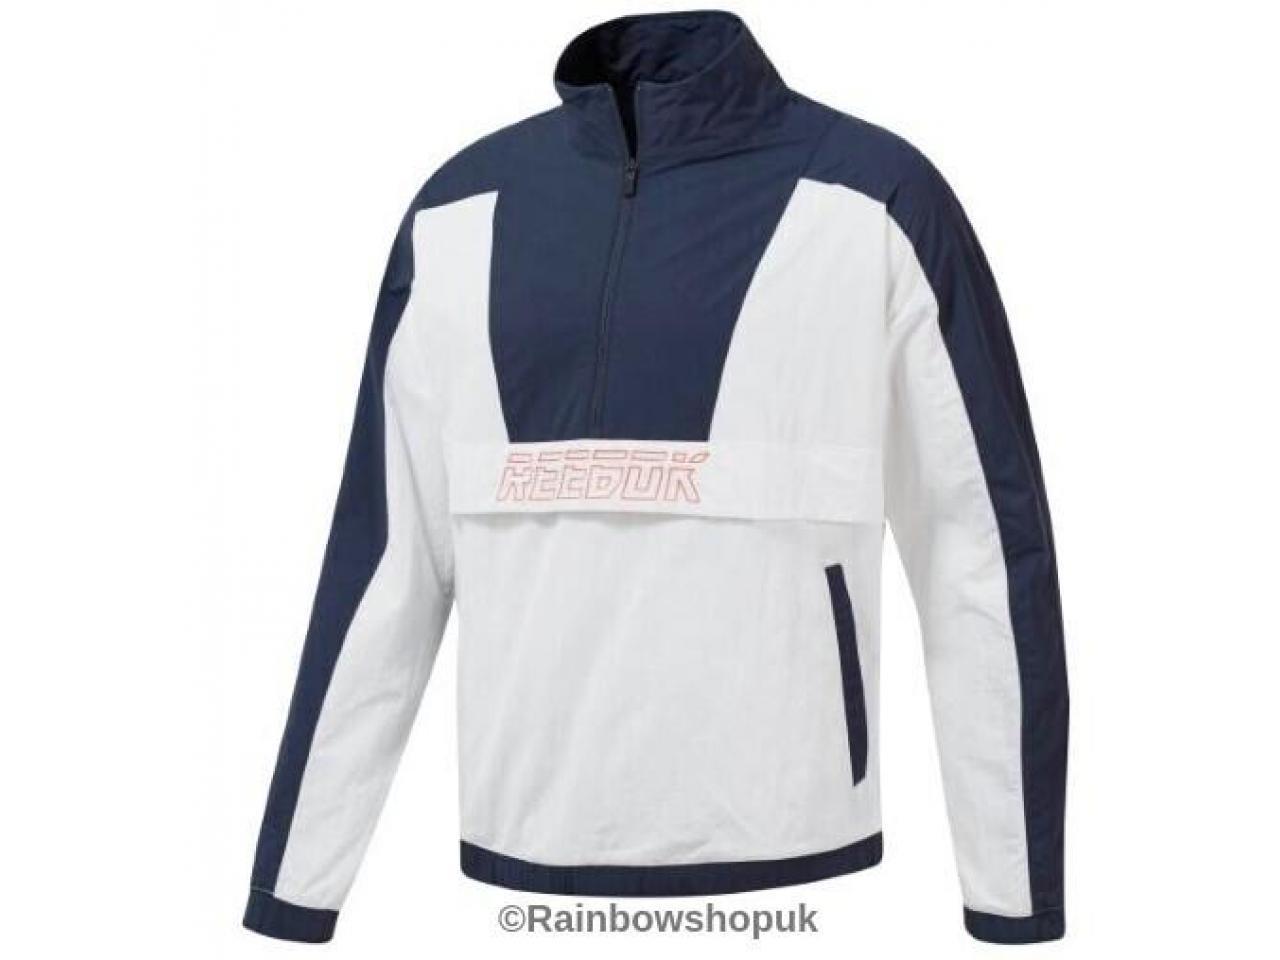 продам спортивную куртку Reebok,все размеры - 1